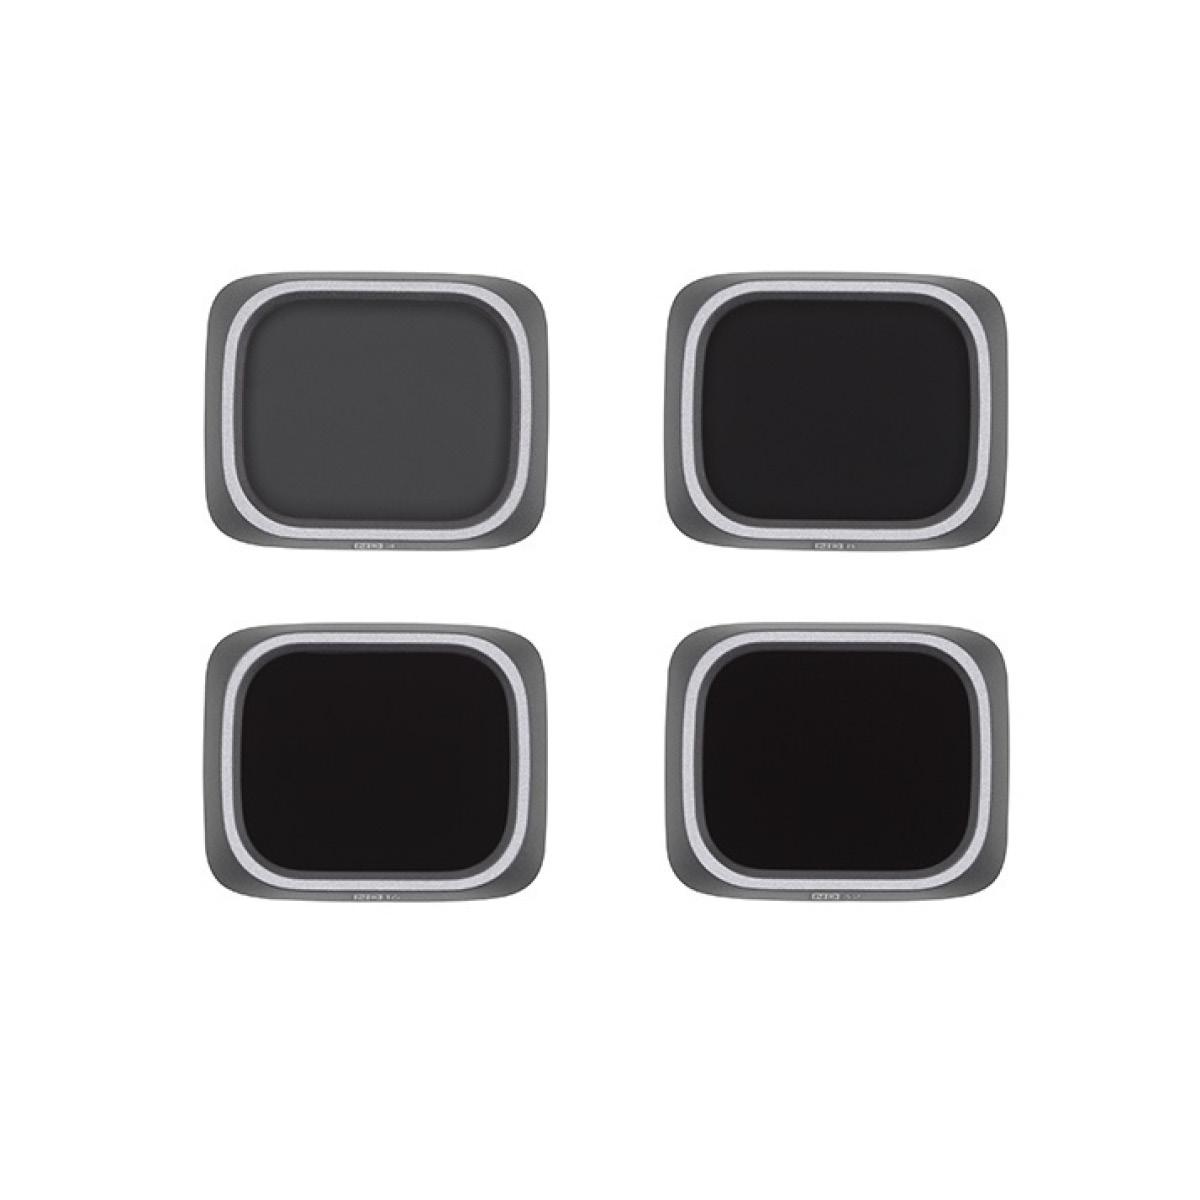 DJI Air 2 S ND Filterset (ND64/128/256/512)